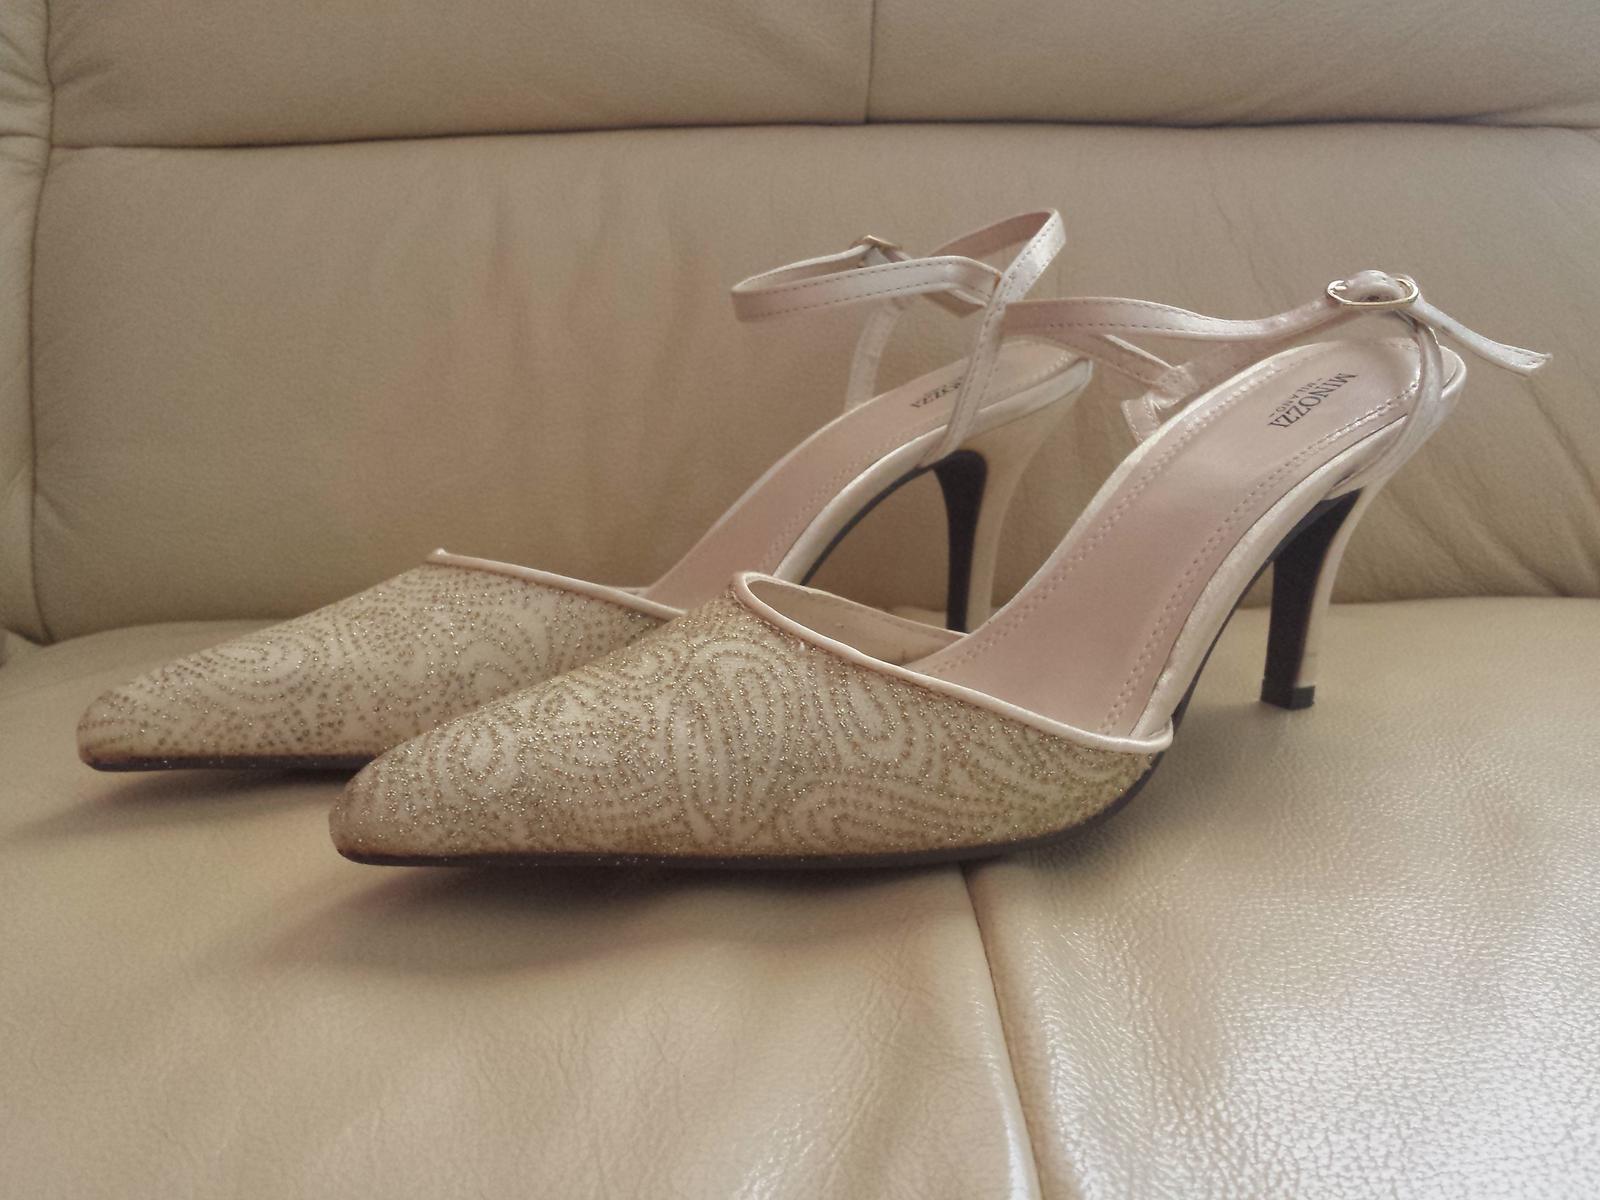 Spoločenské poltopánky - 1 x obuté  - Obrázok č. 1